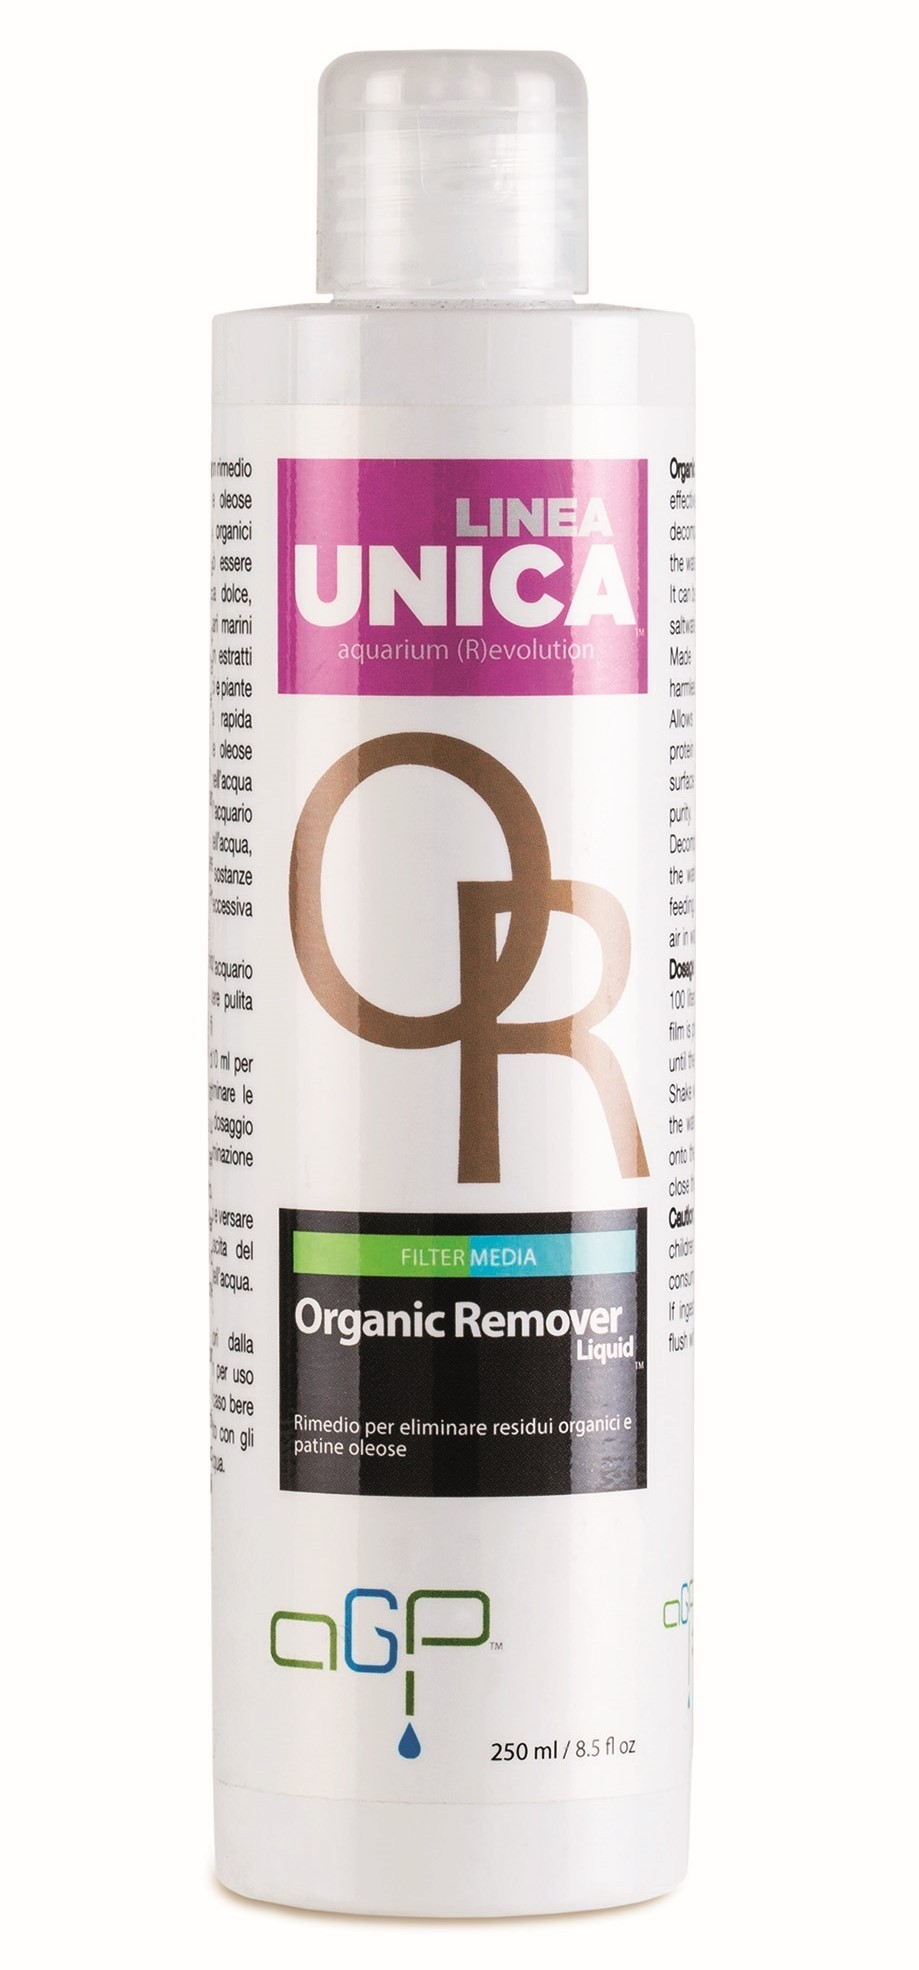 Organic Remover Liquid